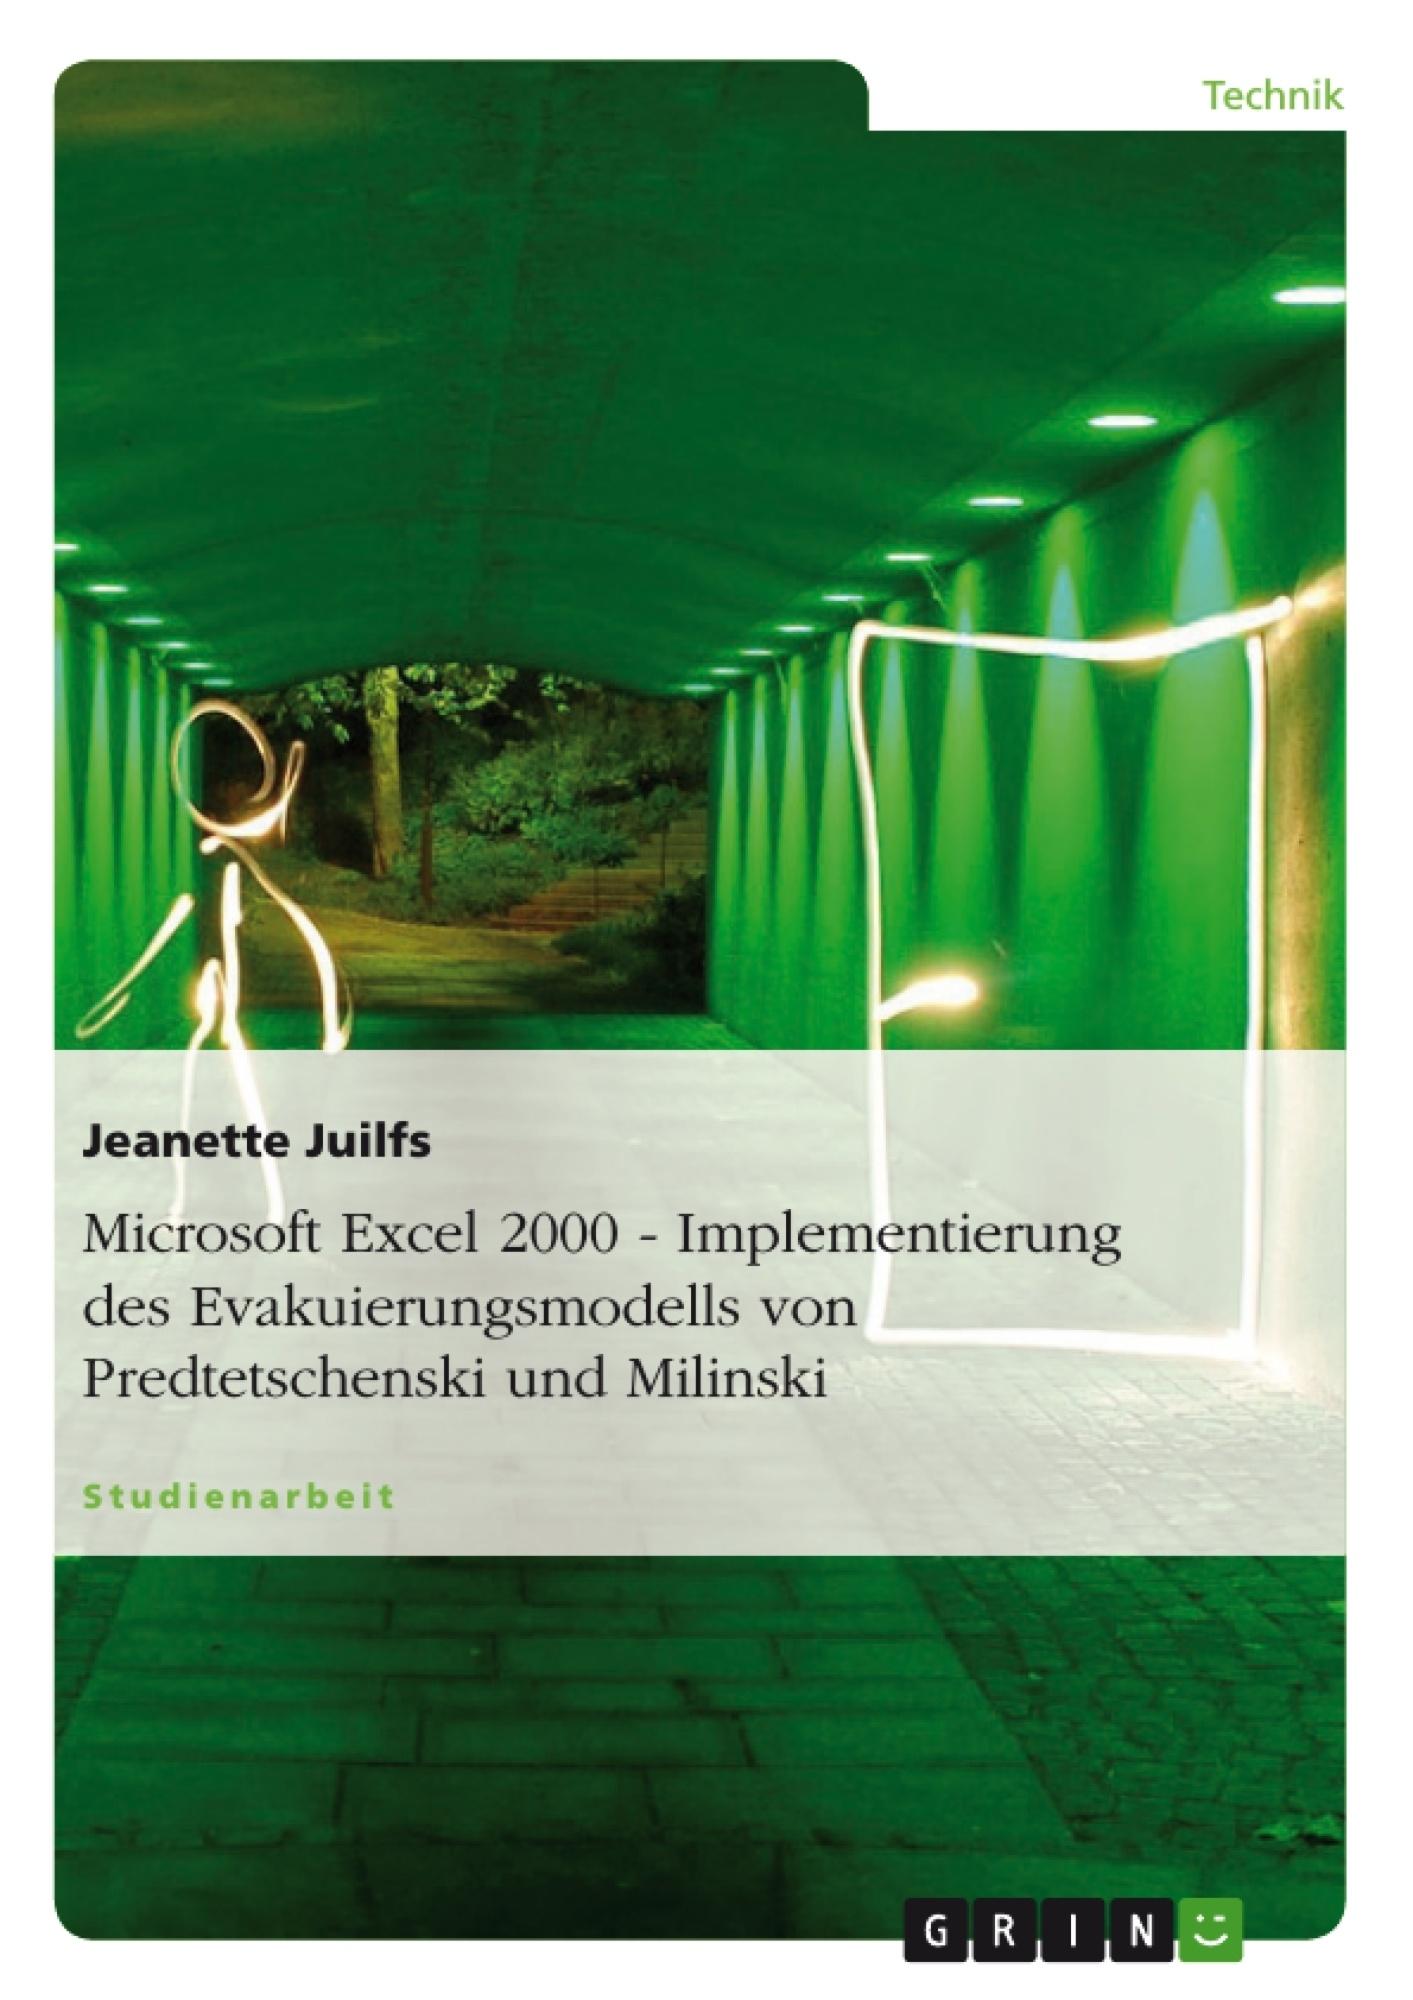 Titel: Microsoft Excel 2000 - Implementierung des Evakuierungsmodells von Predtetschenski und Milinski